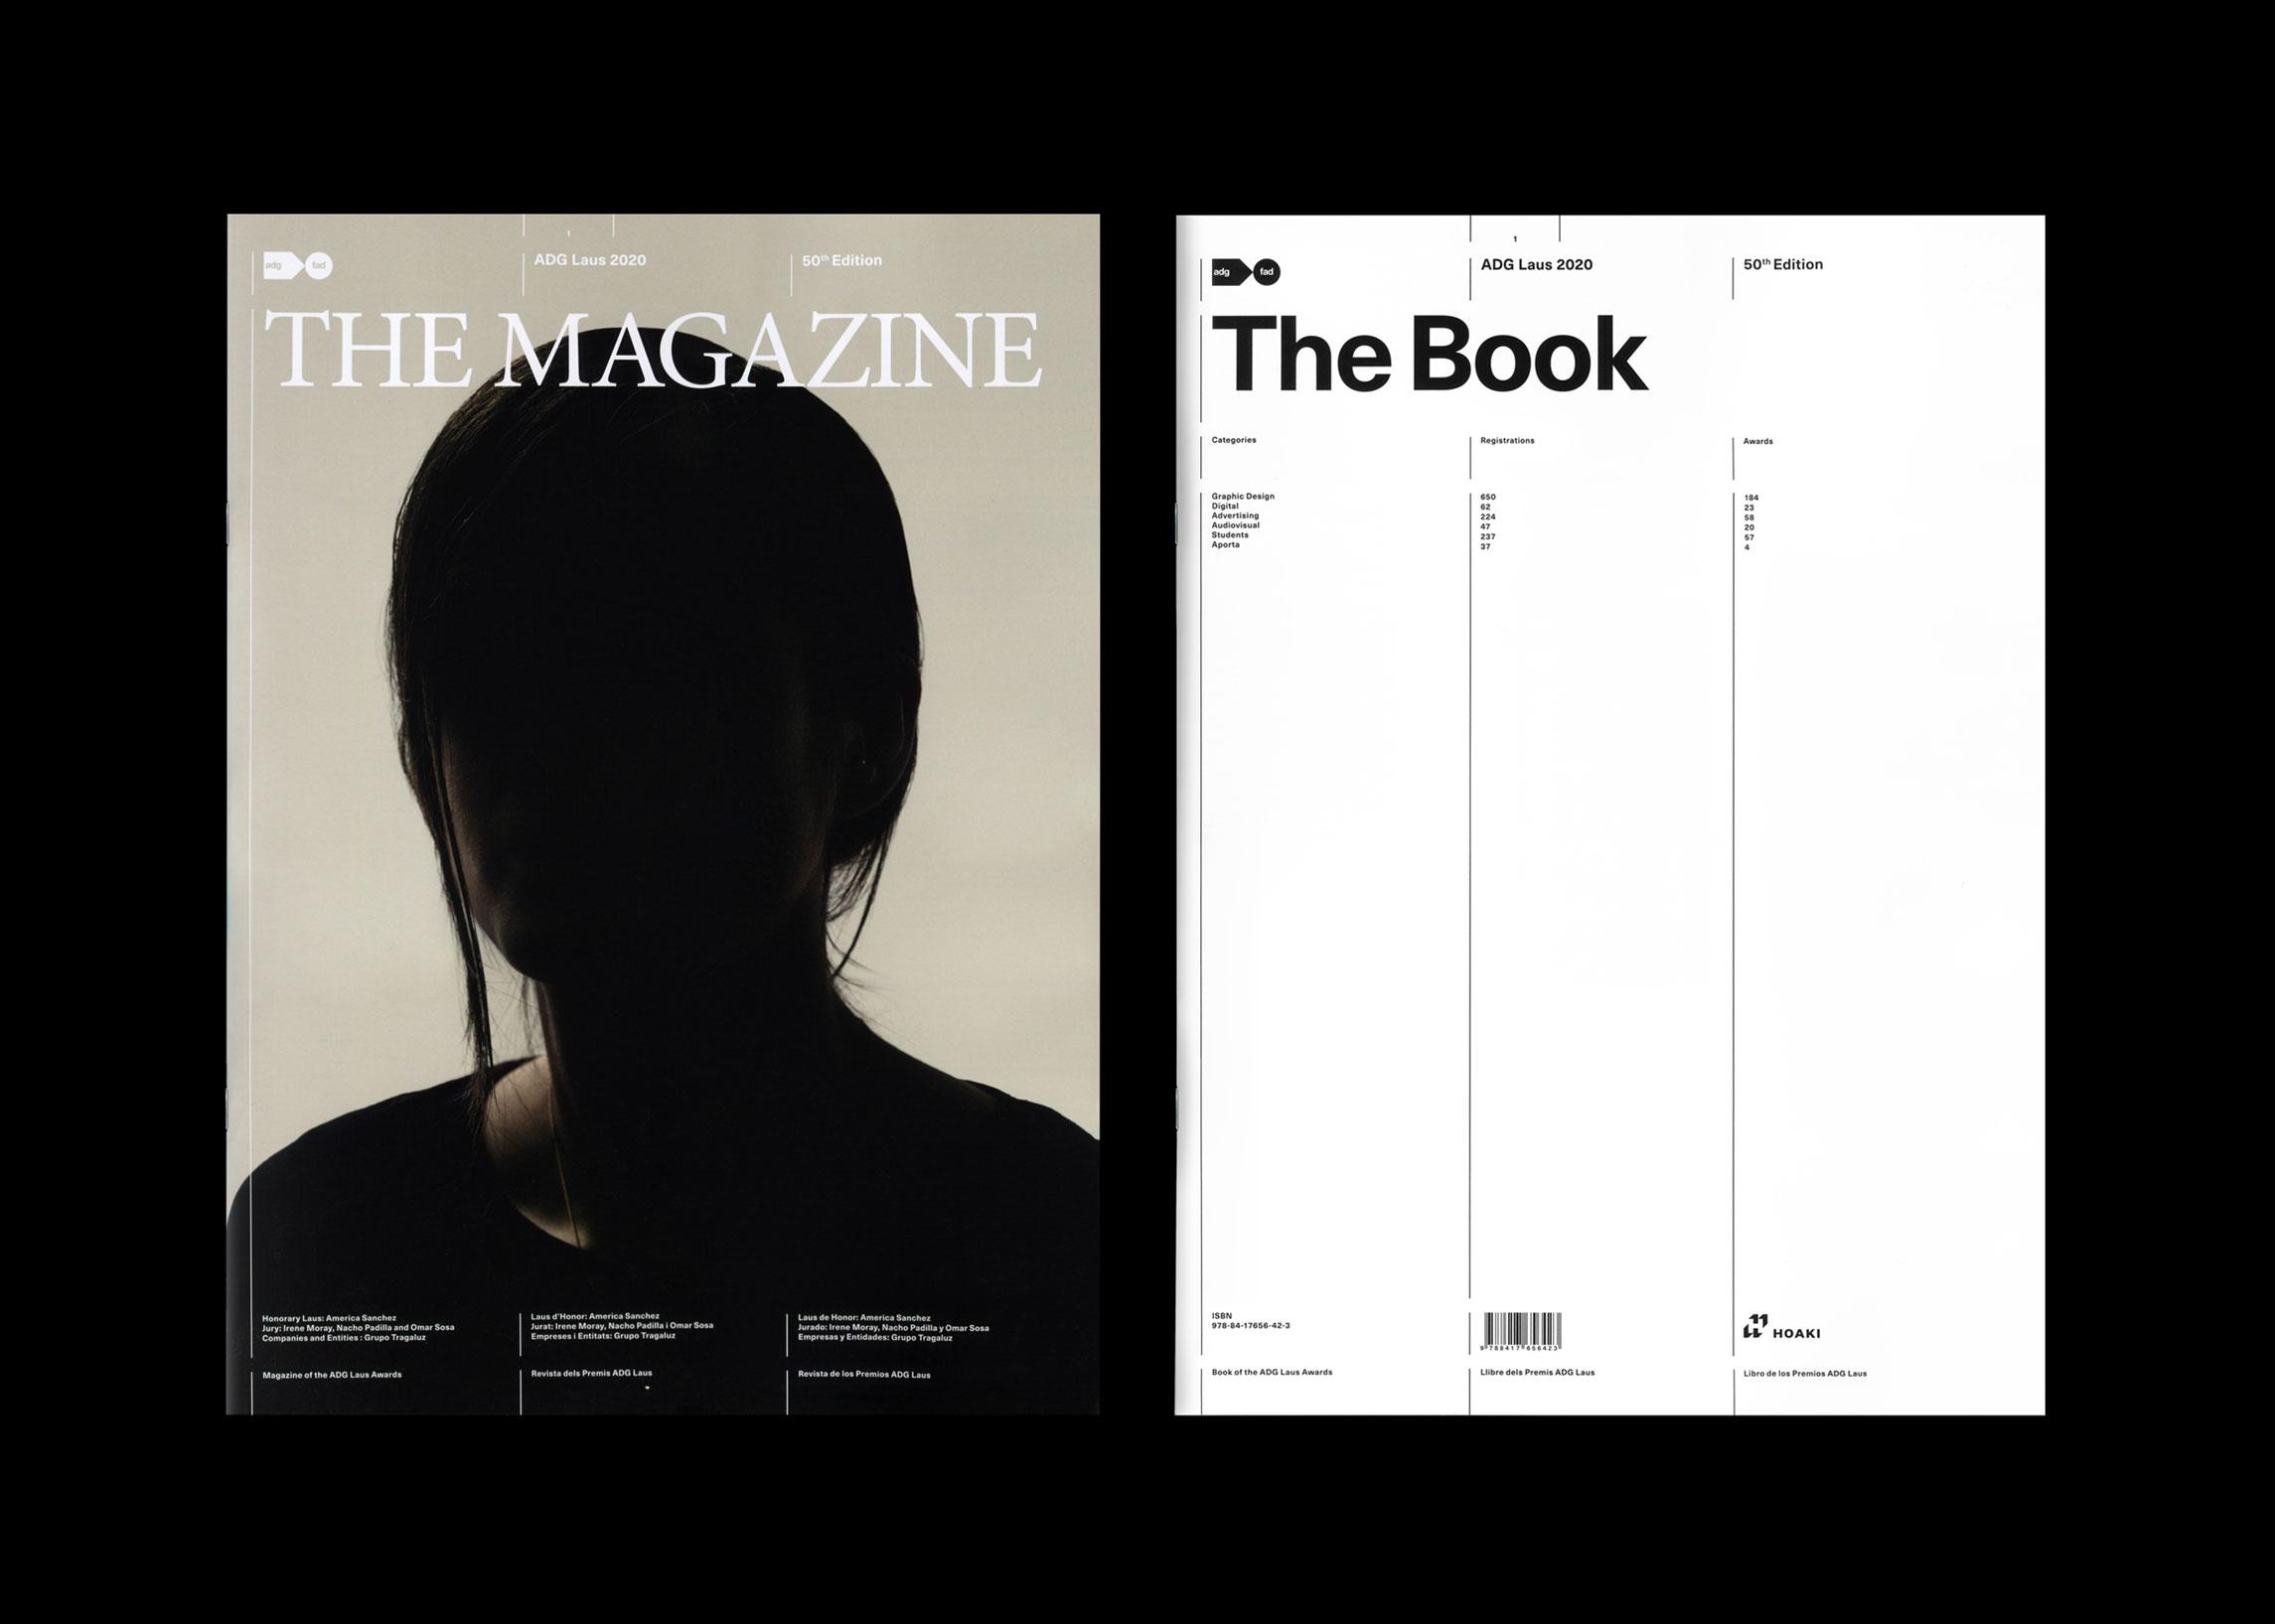 Portades de la revista - llibre Magabook dels Premis ADG Laus